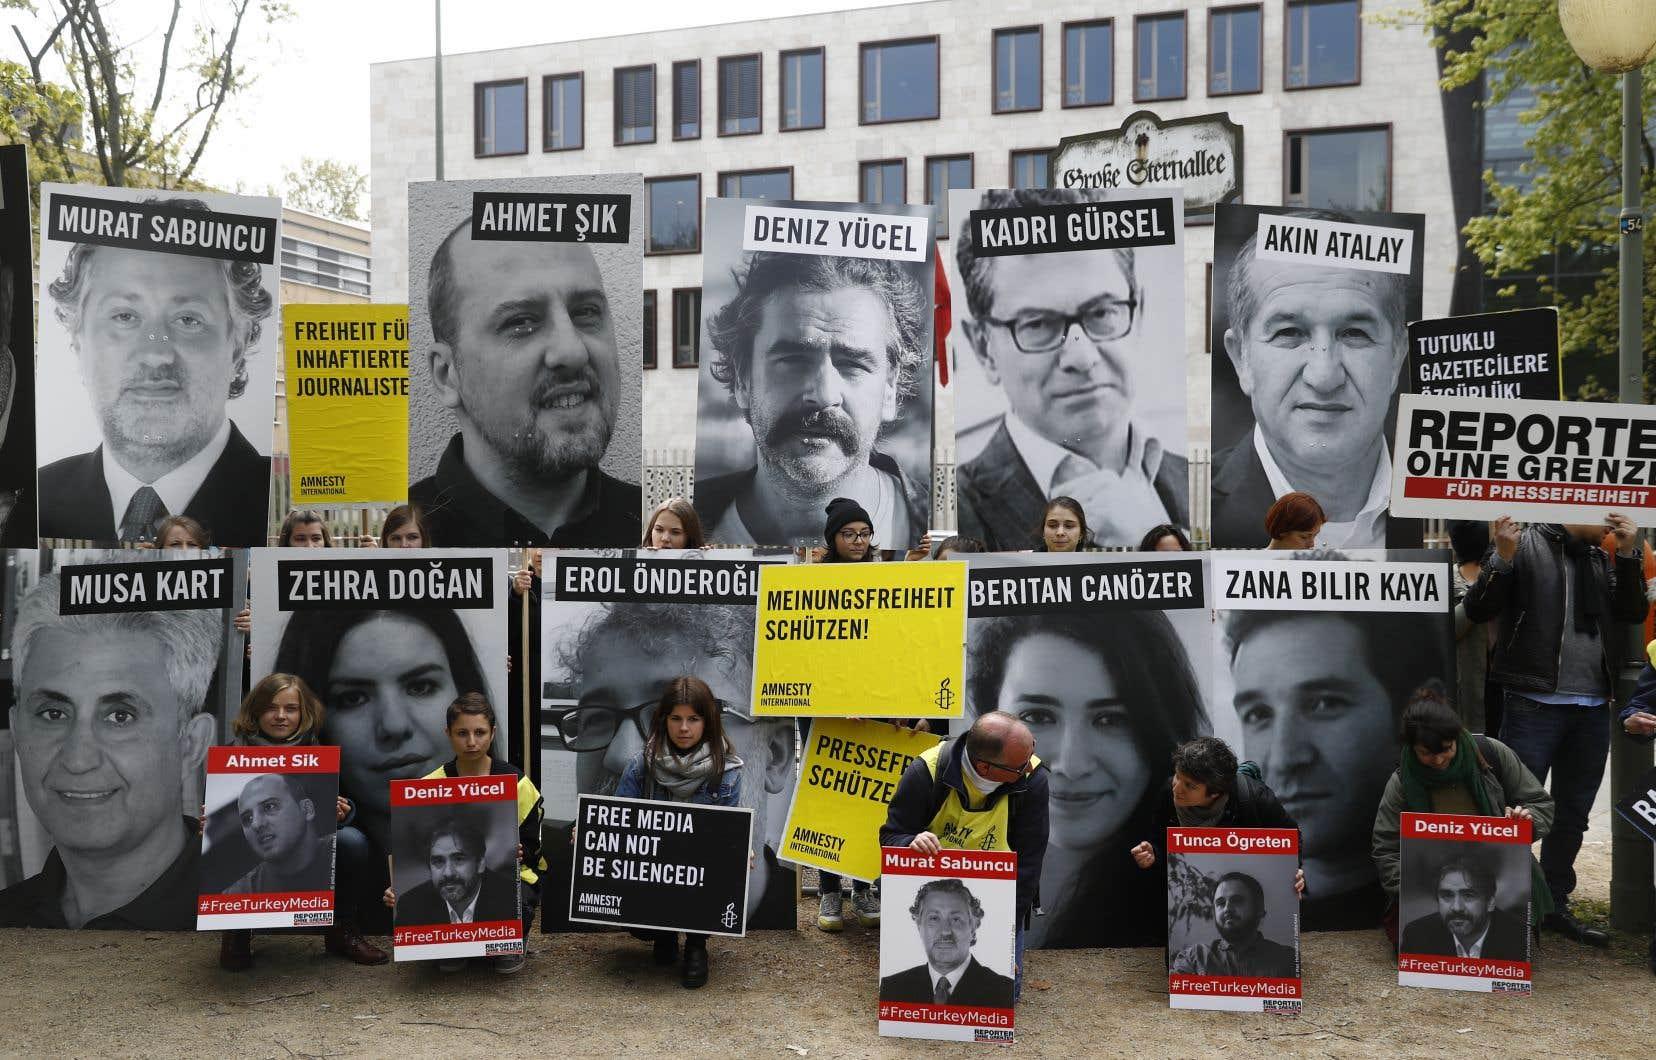 Des membres d'Amnesty International et de Reporters sans frontières ont installé des portraits de journalistes détenus en Turquie, devant l'ambassade turque de Berlin, le 3 mai 2017, à l'occasion de la journée mondiale de la liberté de la presse.